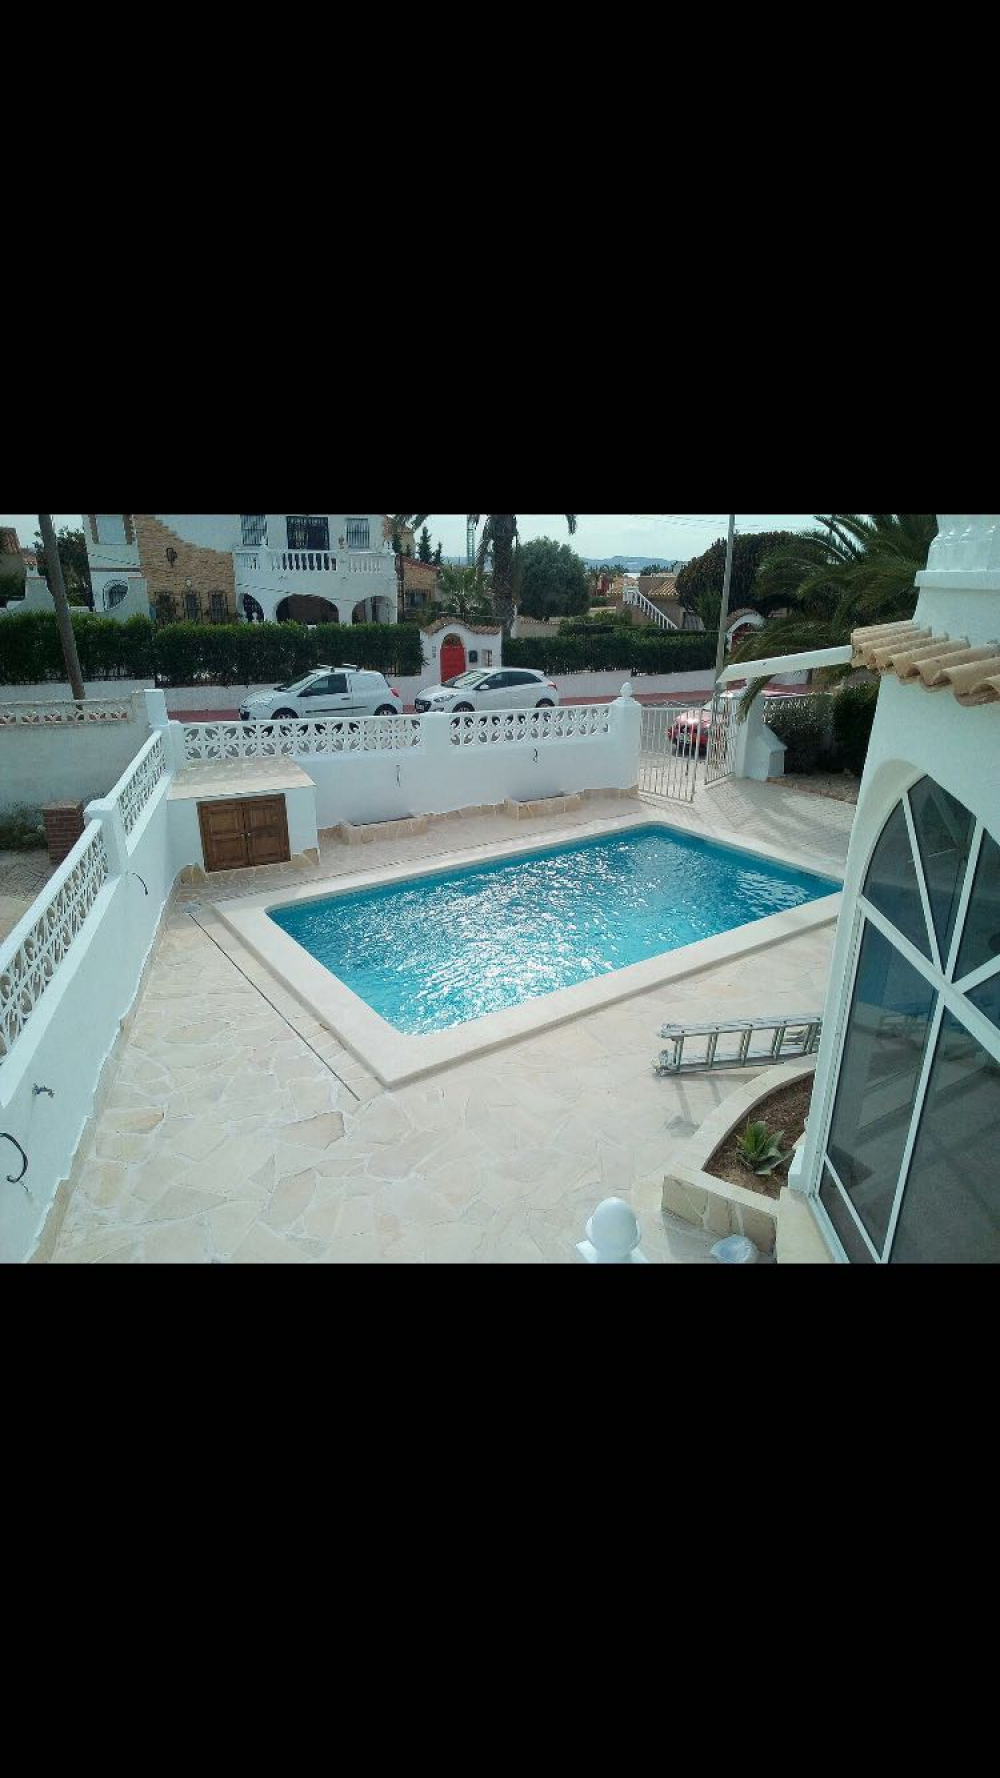 piscinas moya, construcción de piscinas de obra en torrevieja